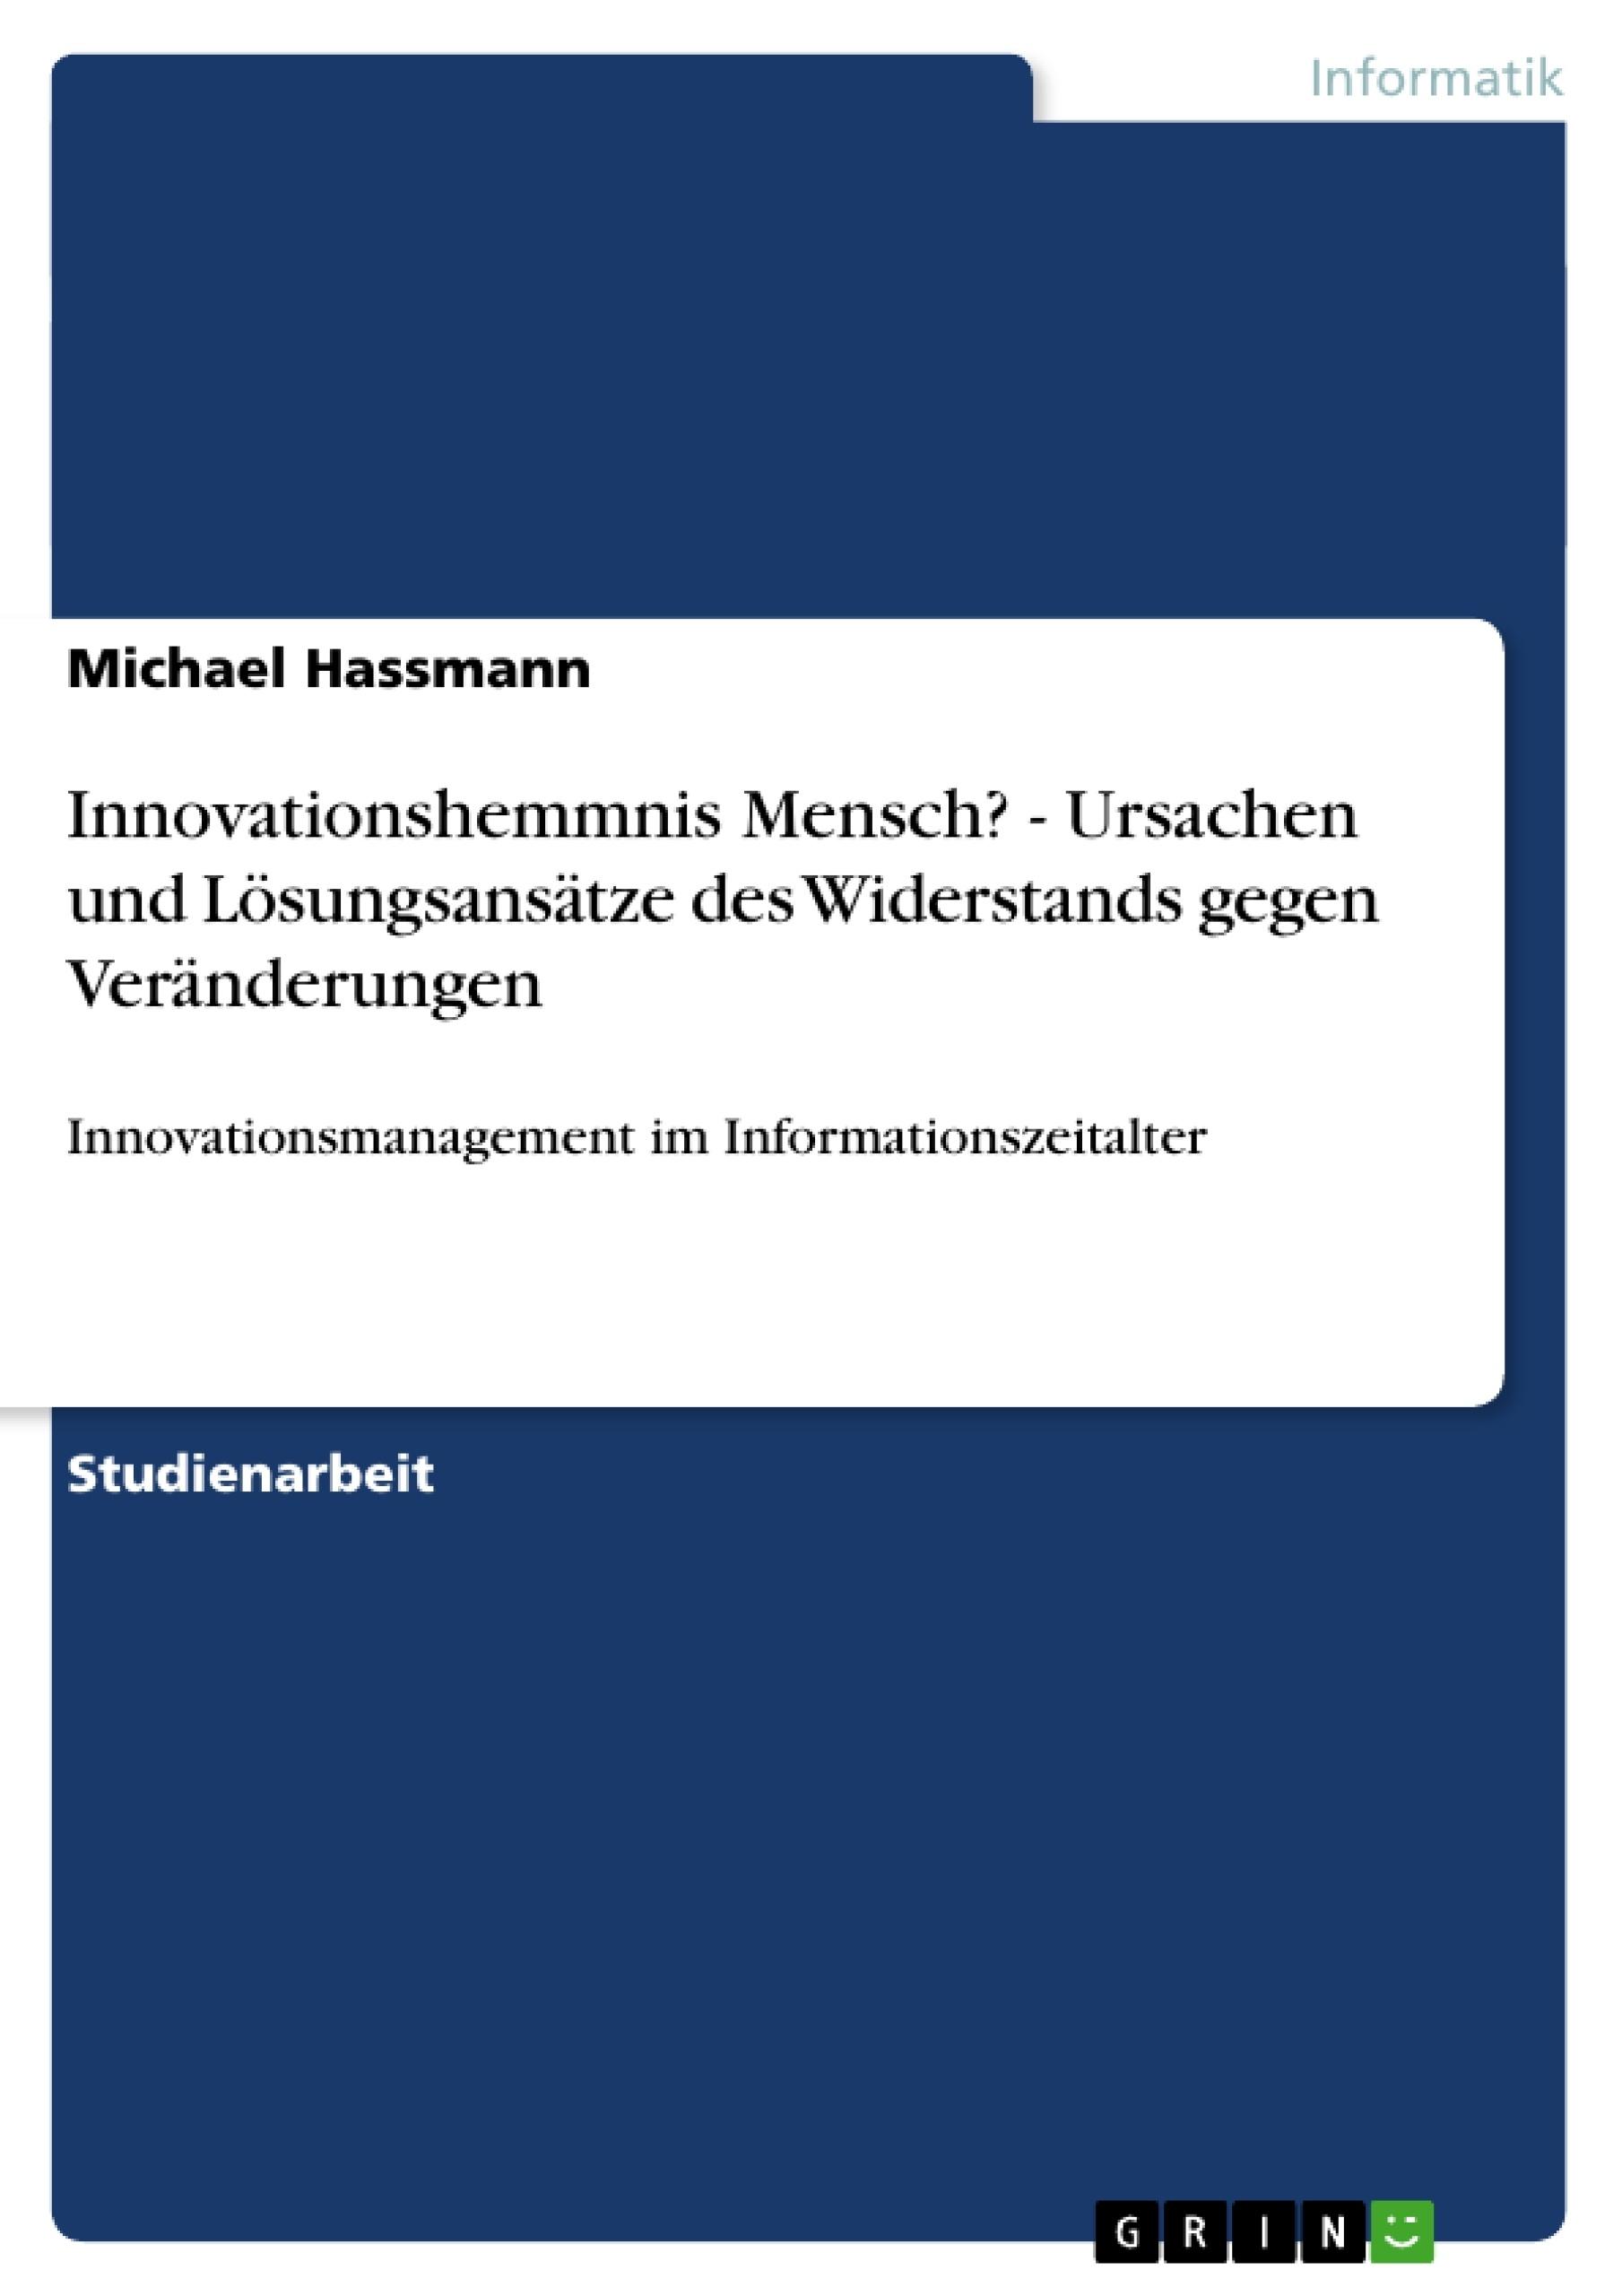 Titel: Innovationshemmnis Mensch? - Ursachen und Lösungsansätze des Widerstands gegen Veränderungen